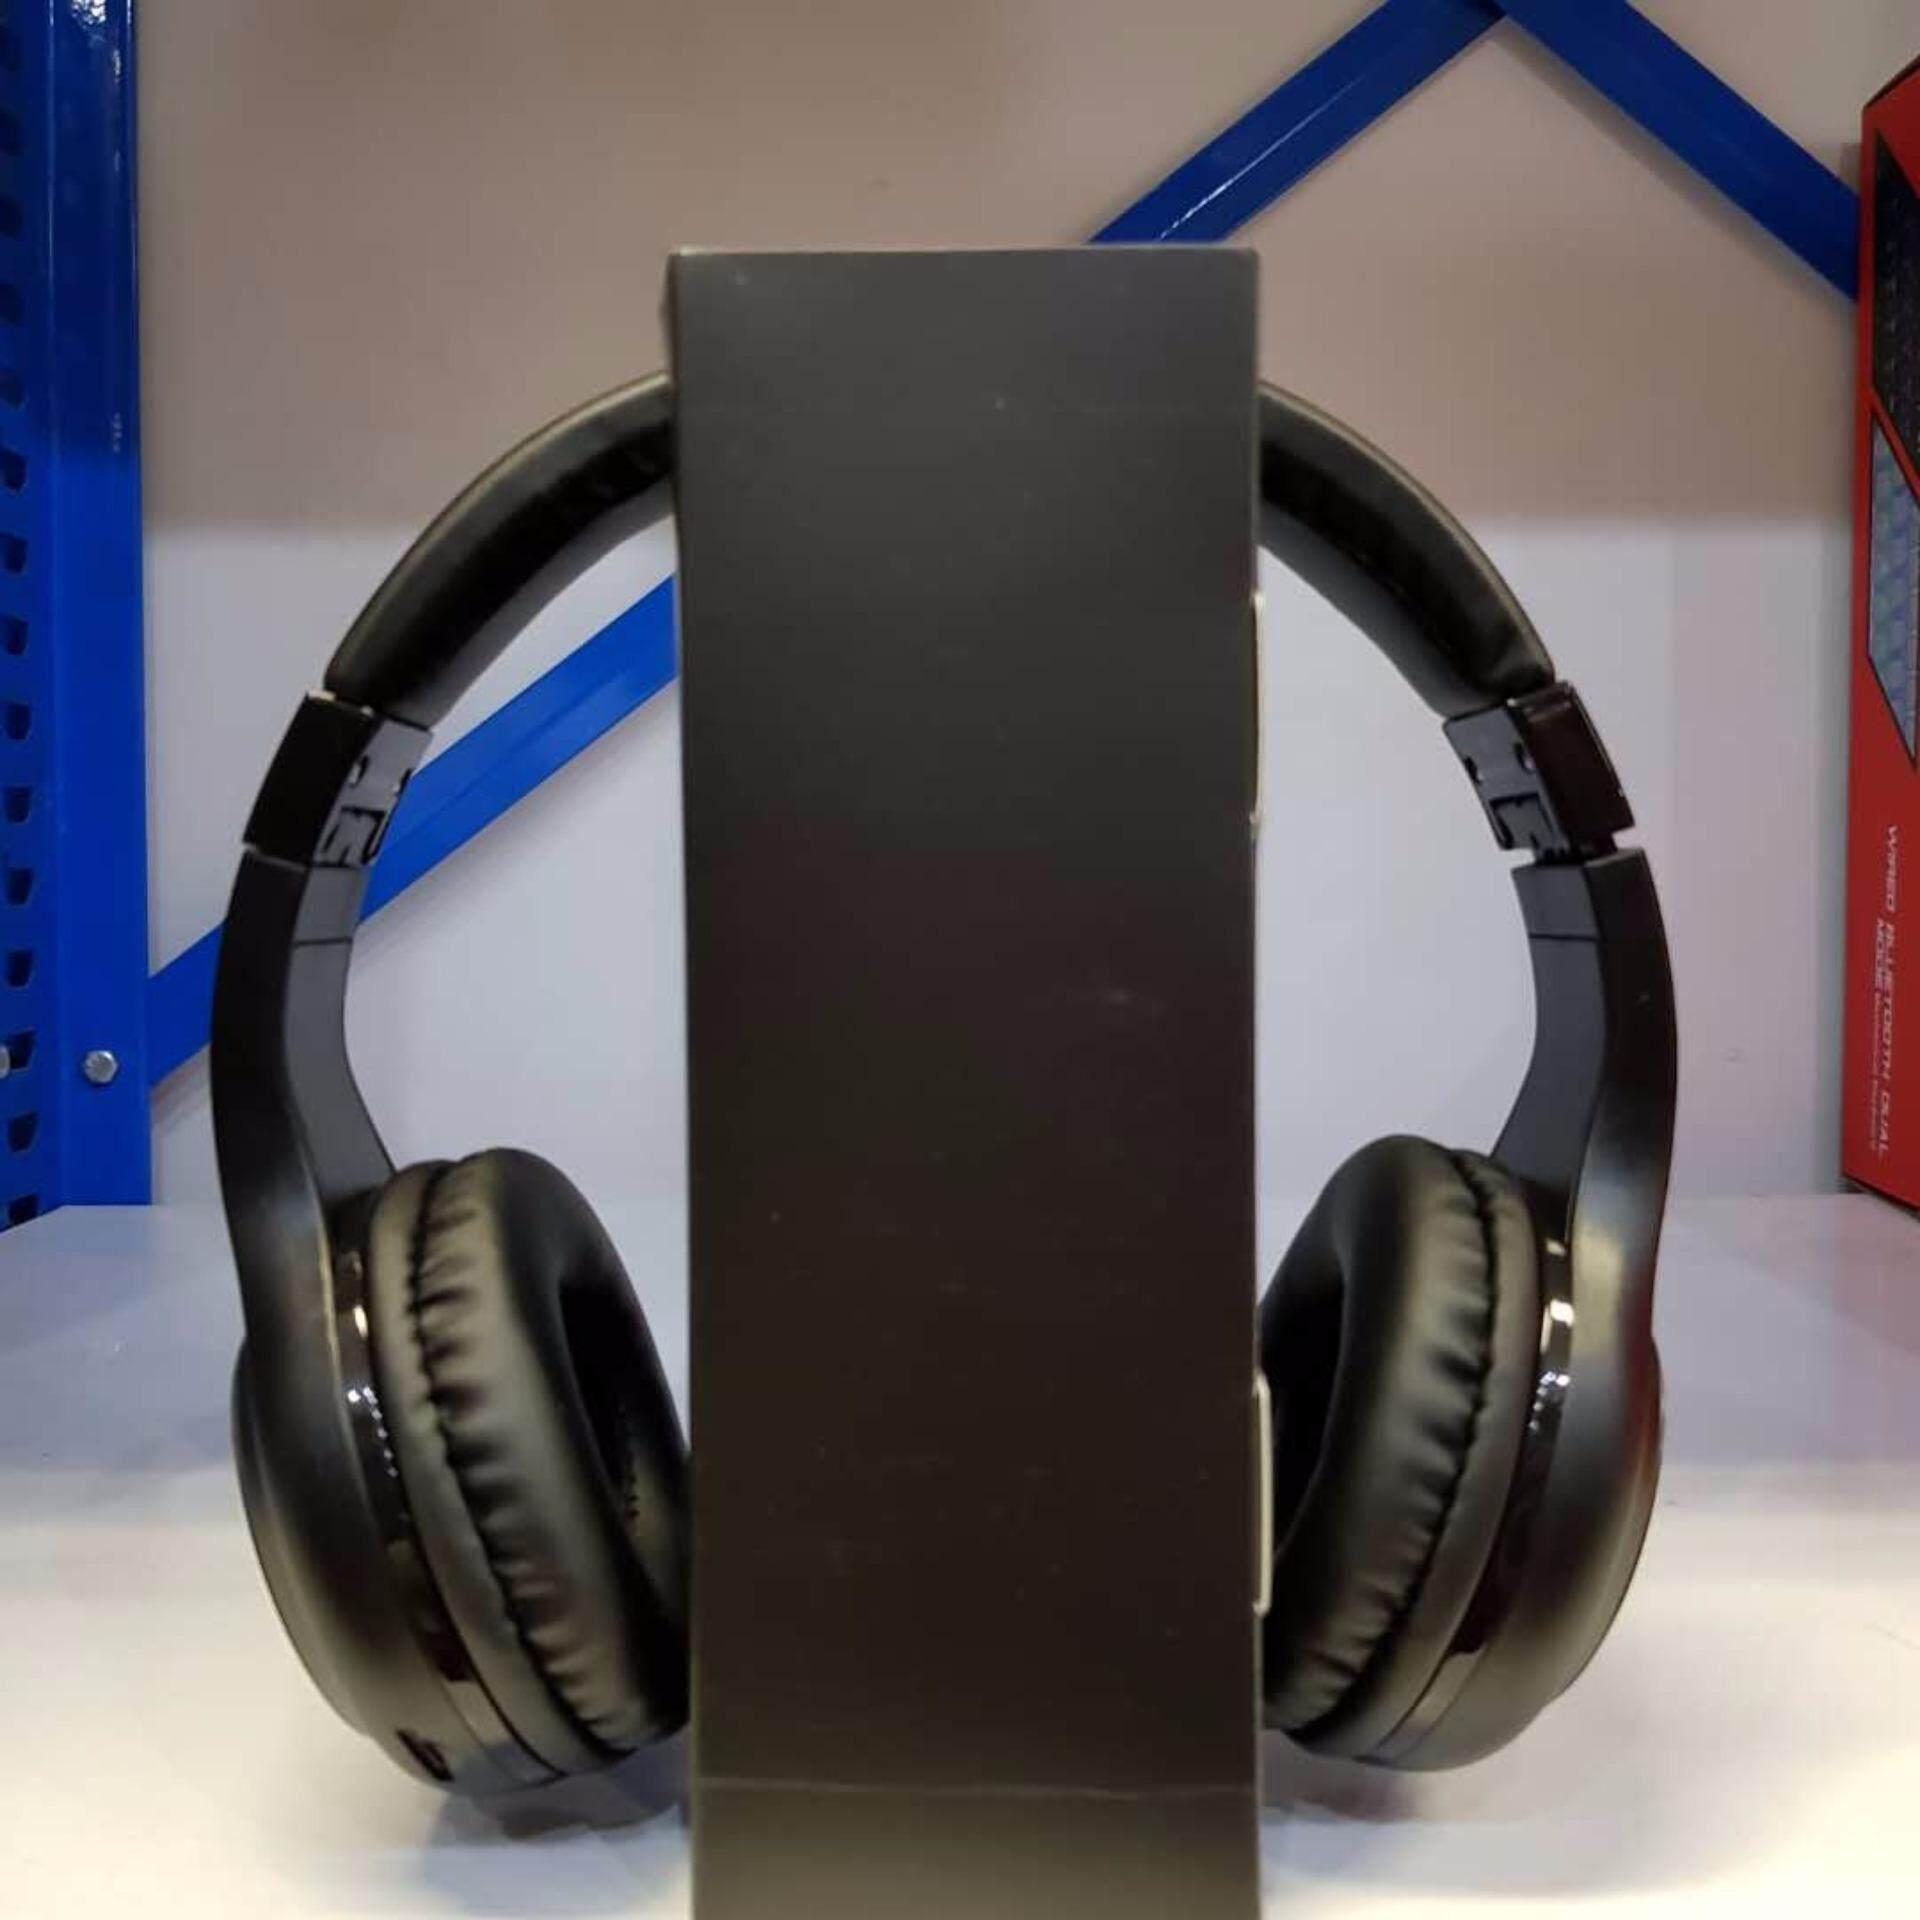 ขายถูกสุดๆ หูฟัง Unbranded/Generic เครื่องขยายเสียงหูฟัง 3.5 มิลลิเมตรชาร์จ HIFI สเตอริโอเครื่องขยายเสียงหูฟัง 3.5 มิลลิเมตรเครื่องเล่นเสียงดิจิตอลเครื่องขยายเสียงหูฟัง - INTL ดีจริง ๆ